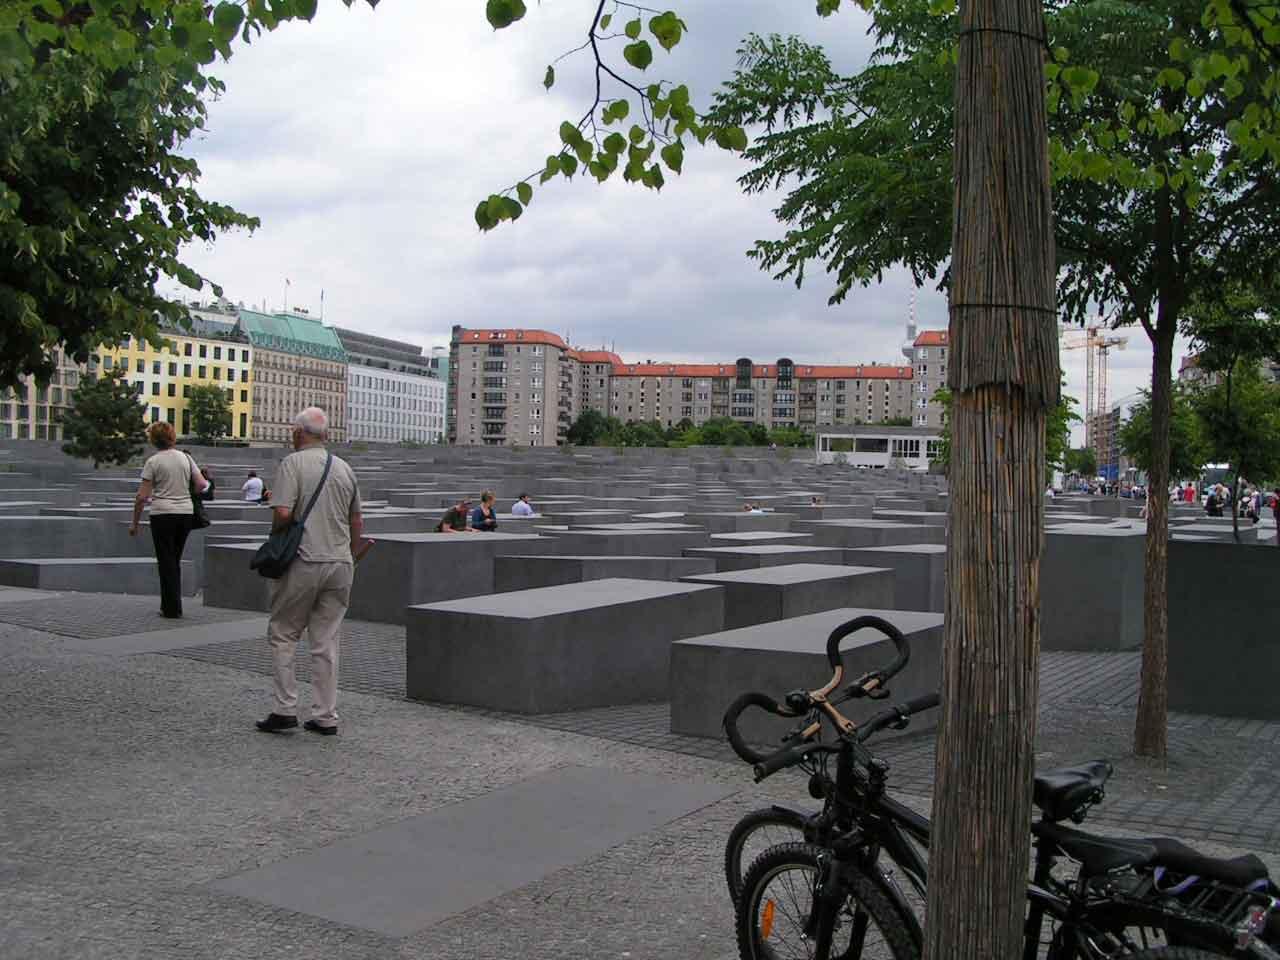 Denkmal für die ermordenten juden Europas